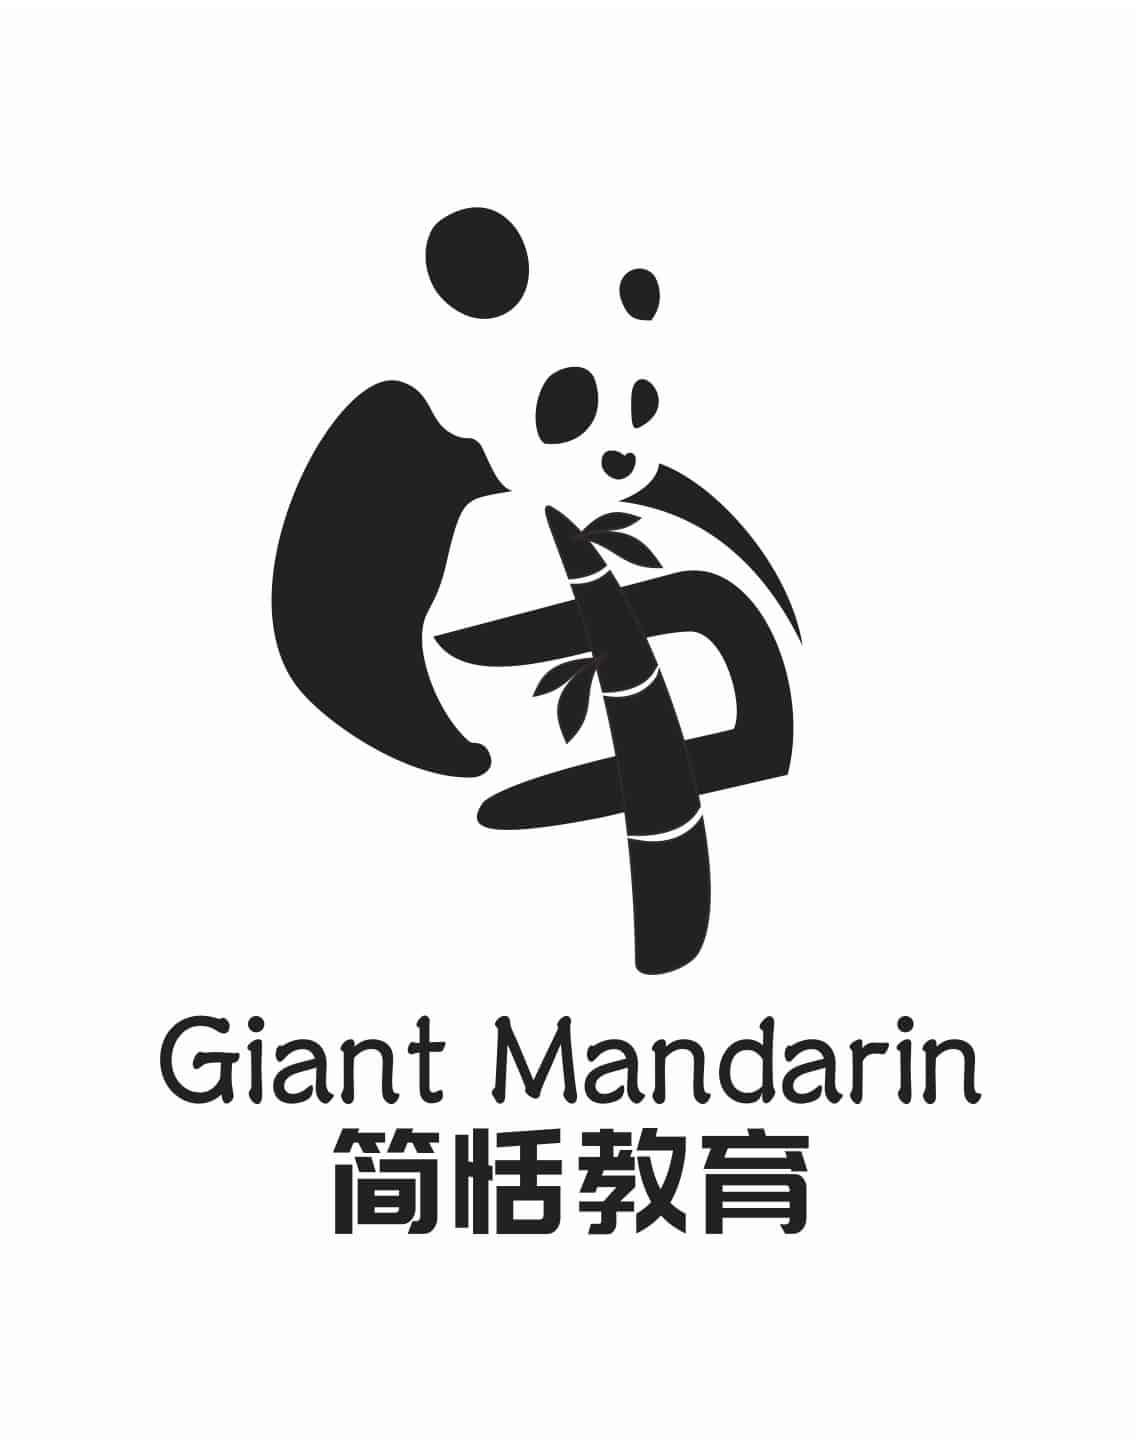 Giant_Mandarin